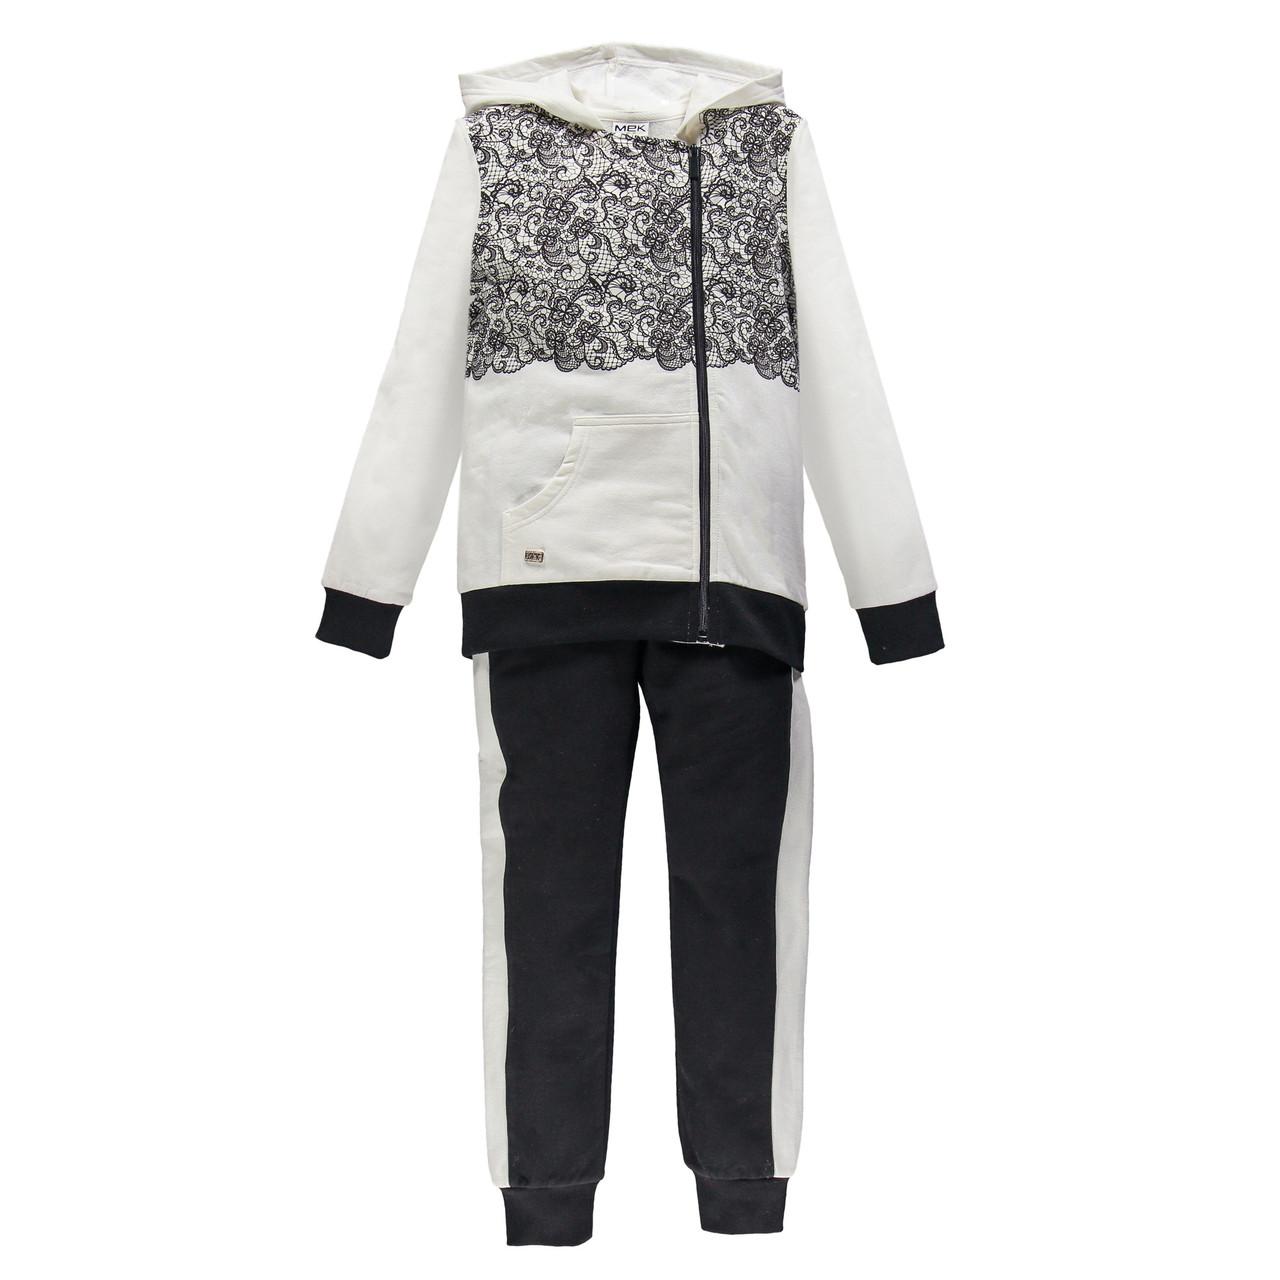 Спортивный костюм на молнии из матового флиса MEK 193MIEP004-919 чорный с белым 140, 170